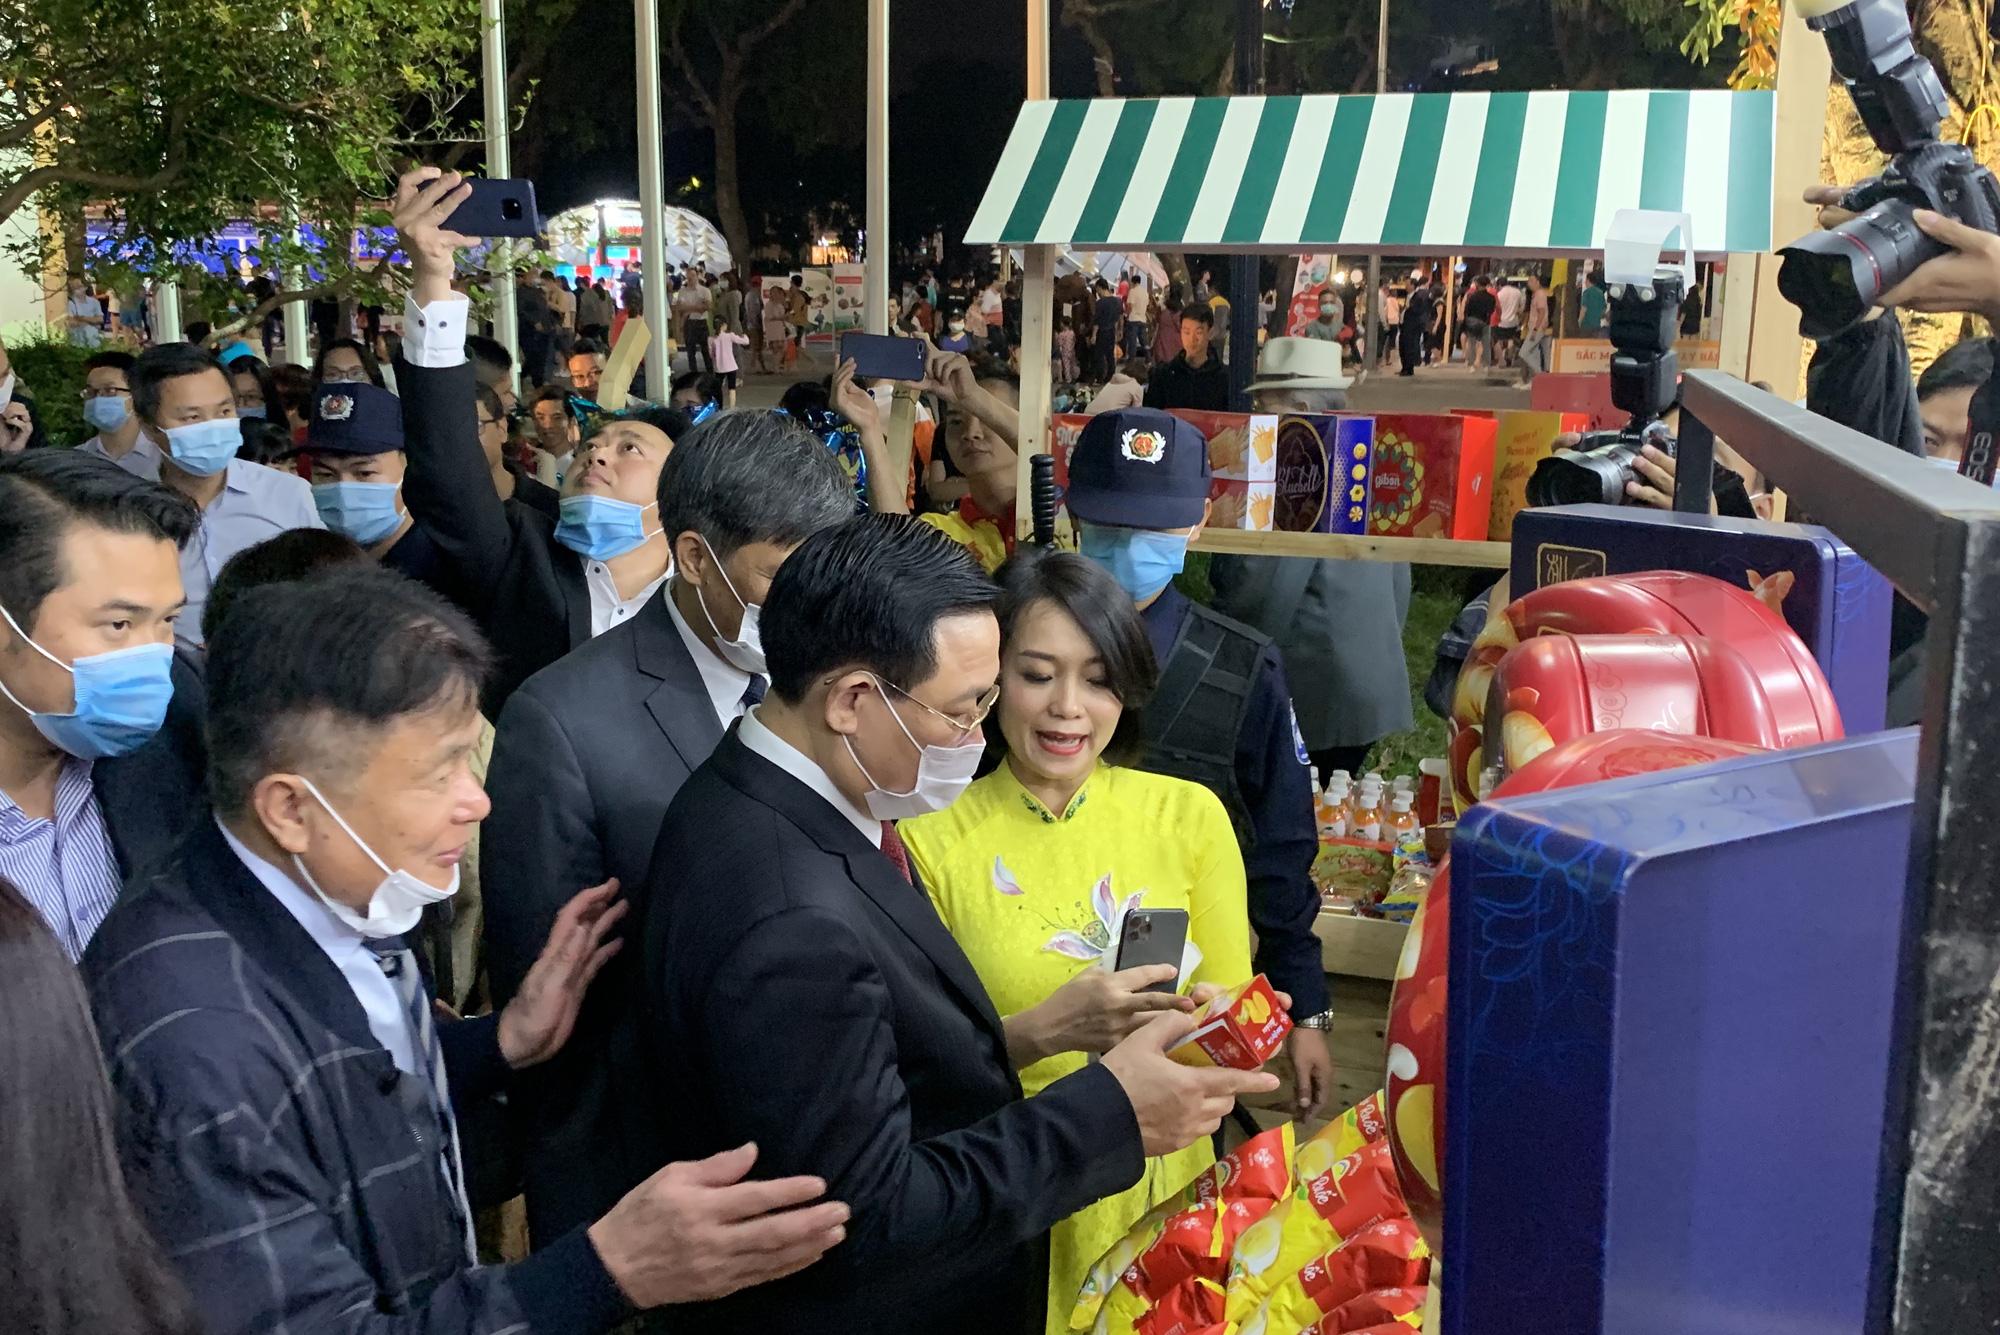 Gần 100 gian hàng 'Made in Vietnam' thu hút người dân Hà Thành - Ảnh 4.